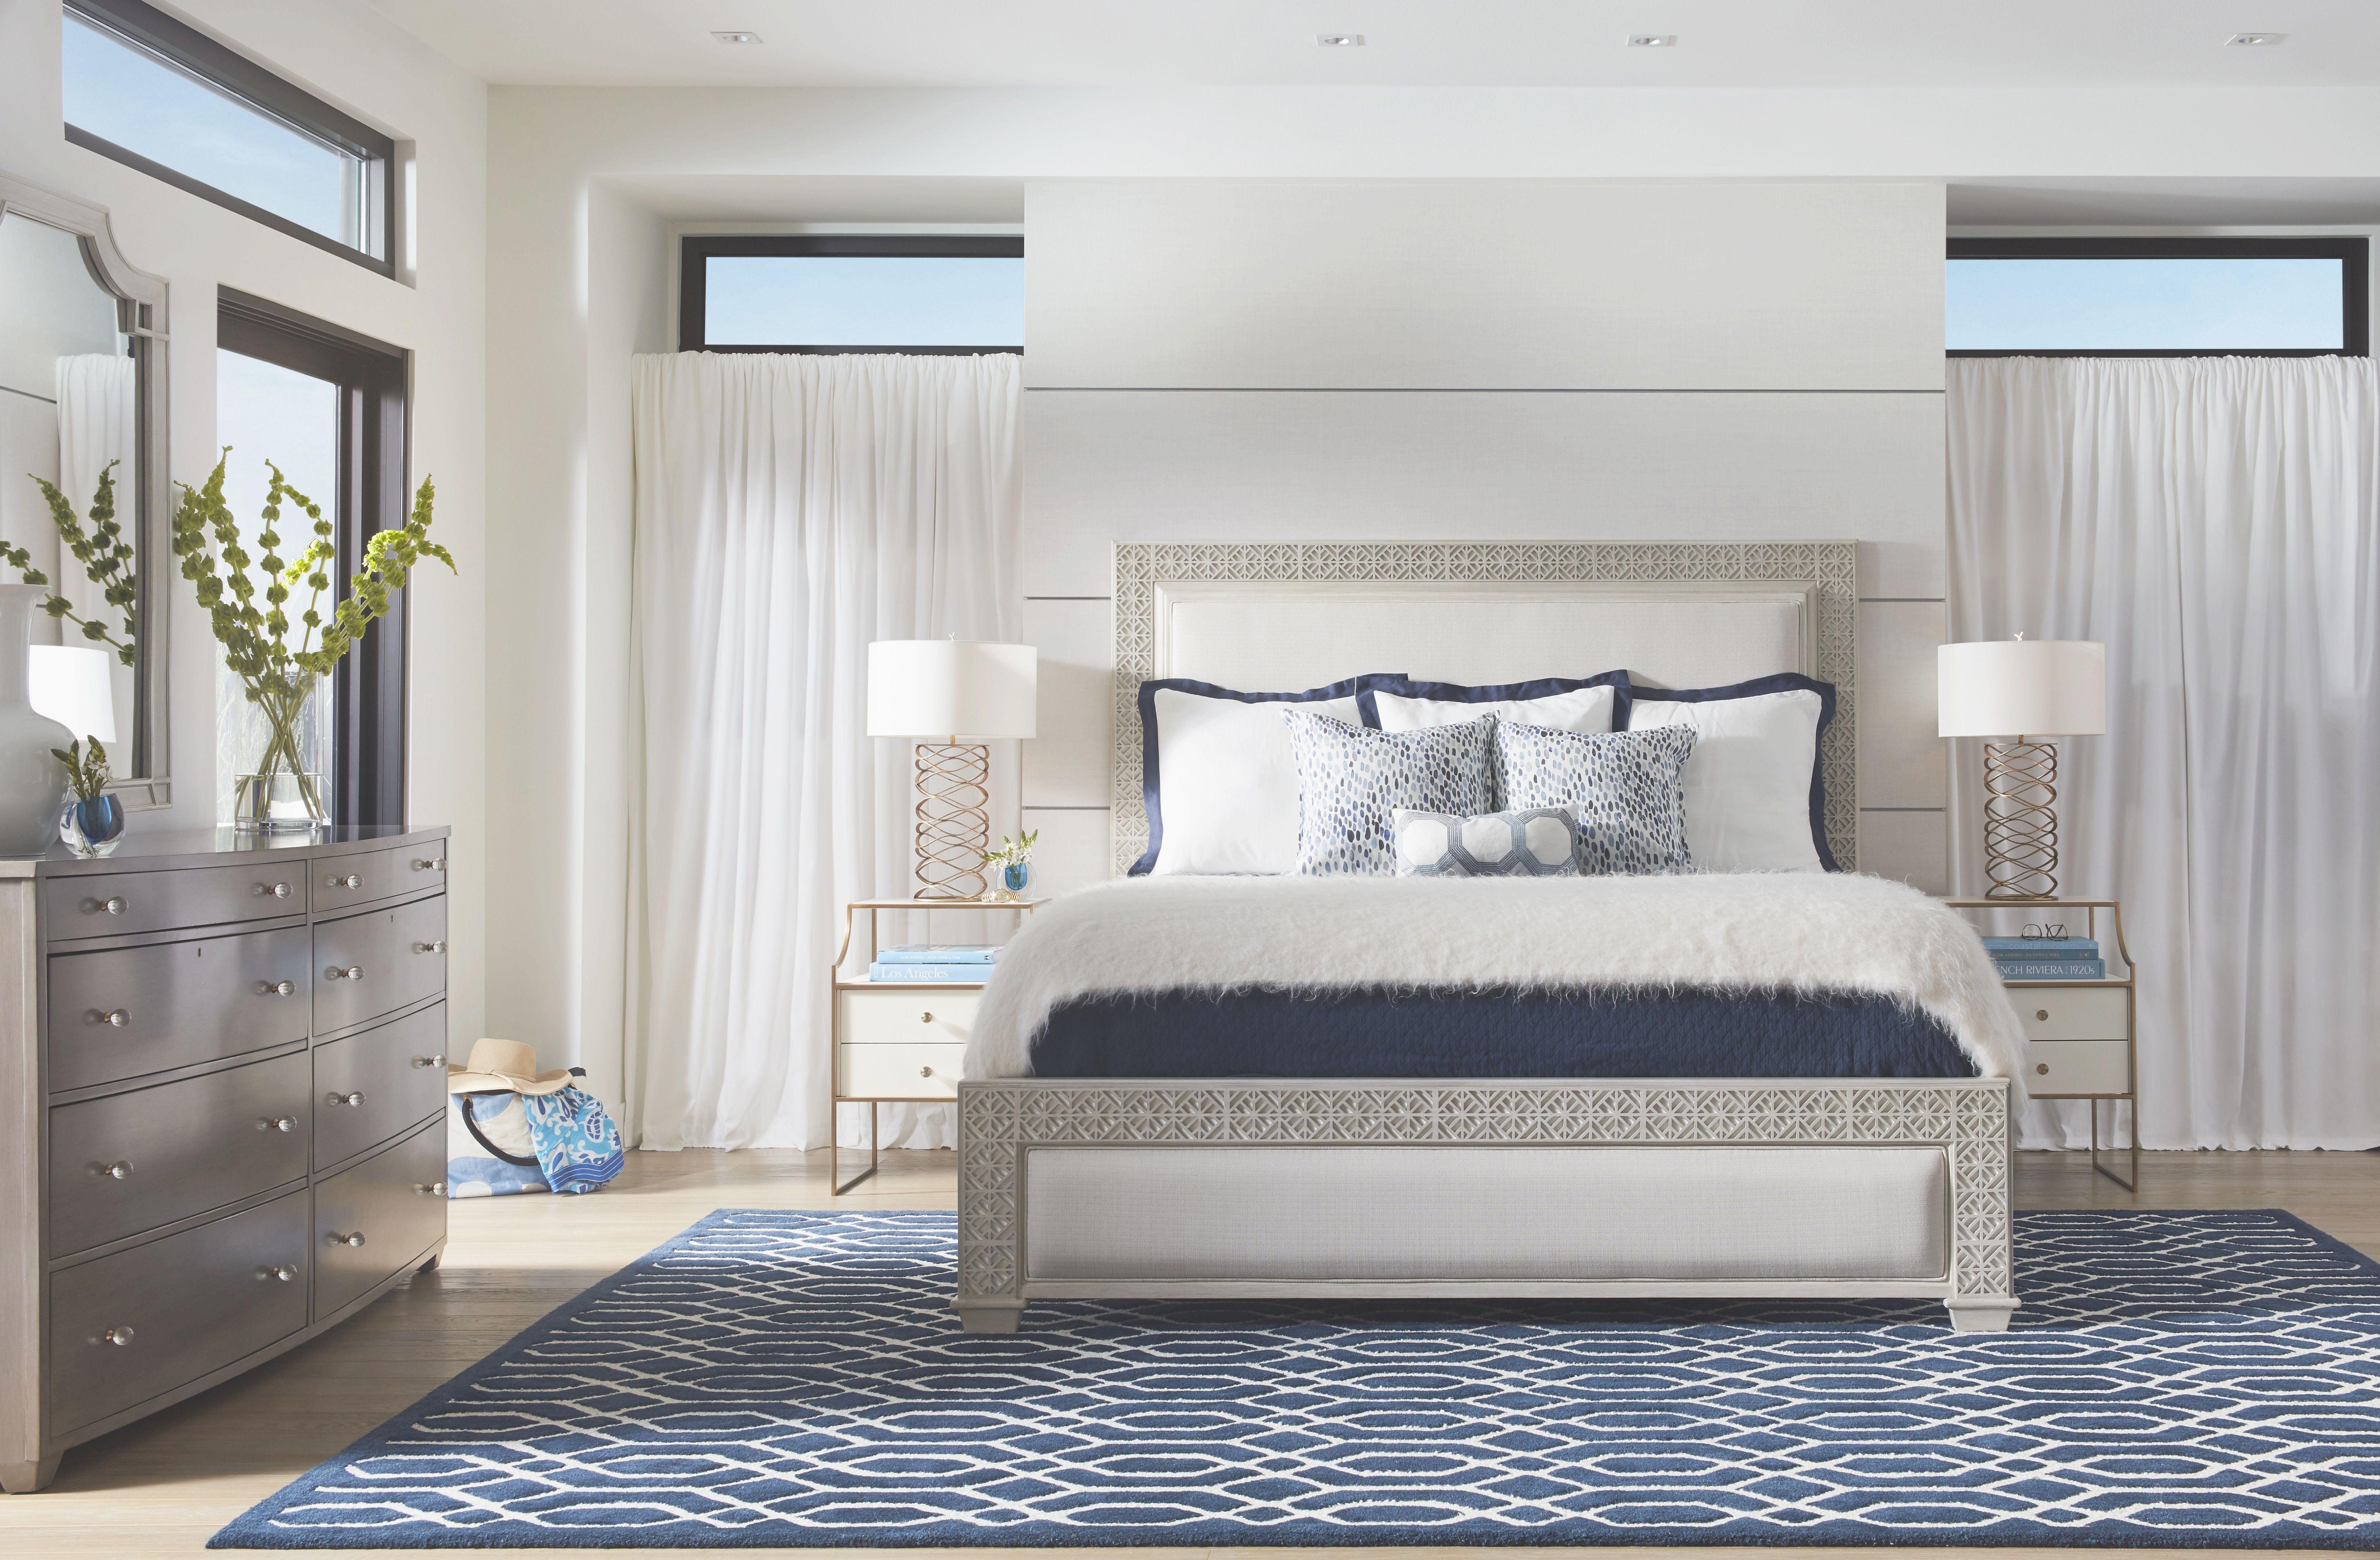 Stanley Furniture Coastal Living Oasis Collection Panel Bed regarding Lovely Coastal Bedroom Furniture Sets